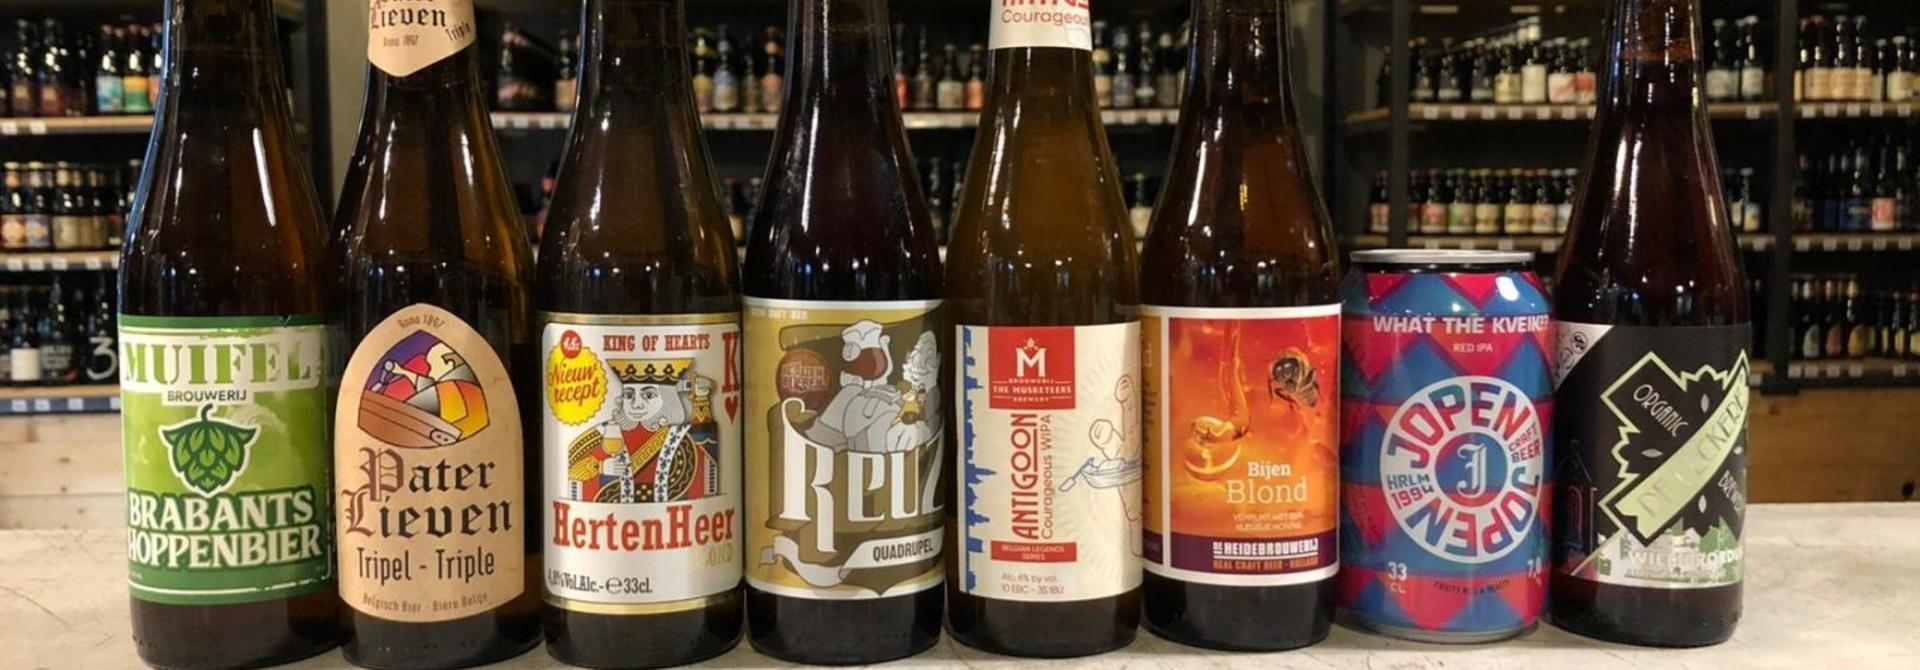 Speciaalbier – bierpakket maart 2021